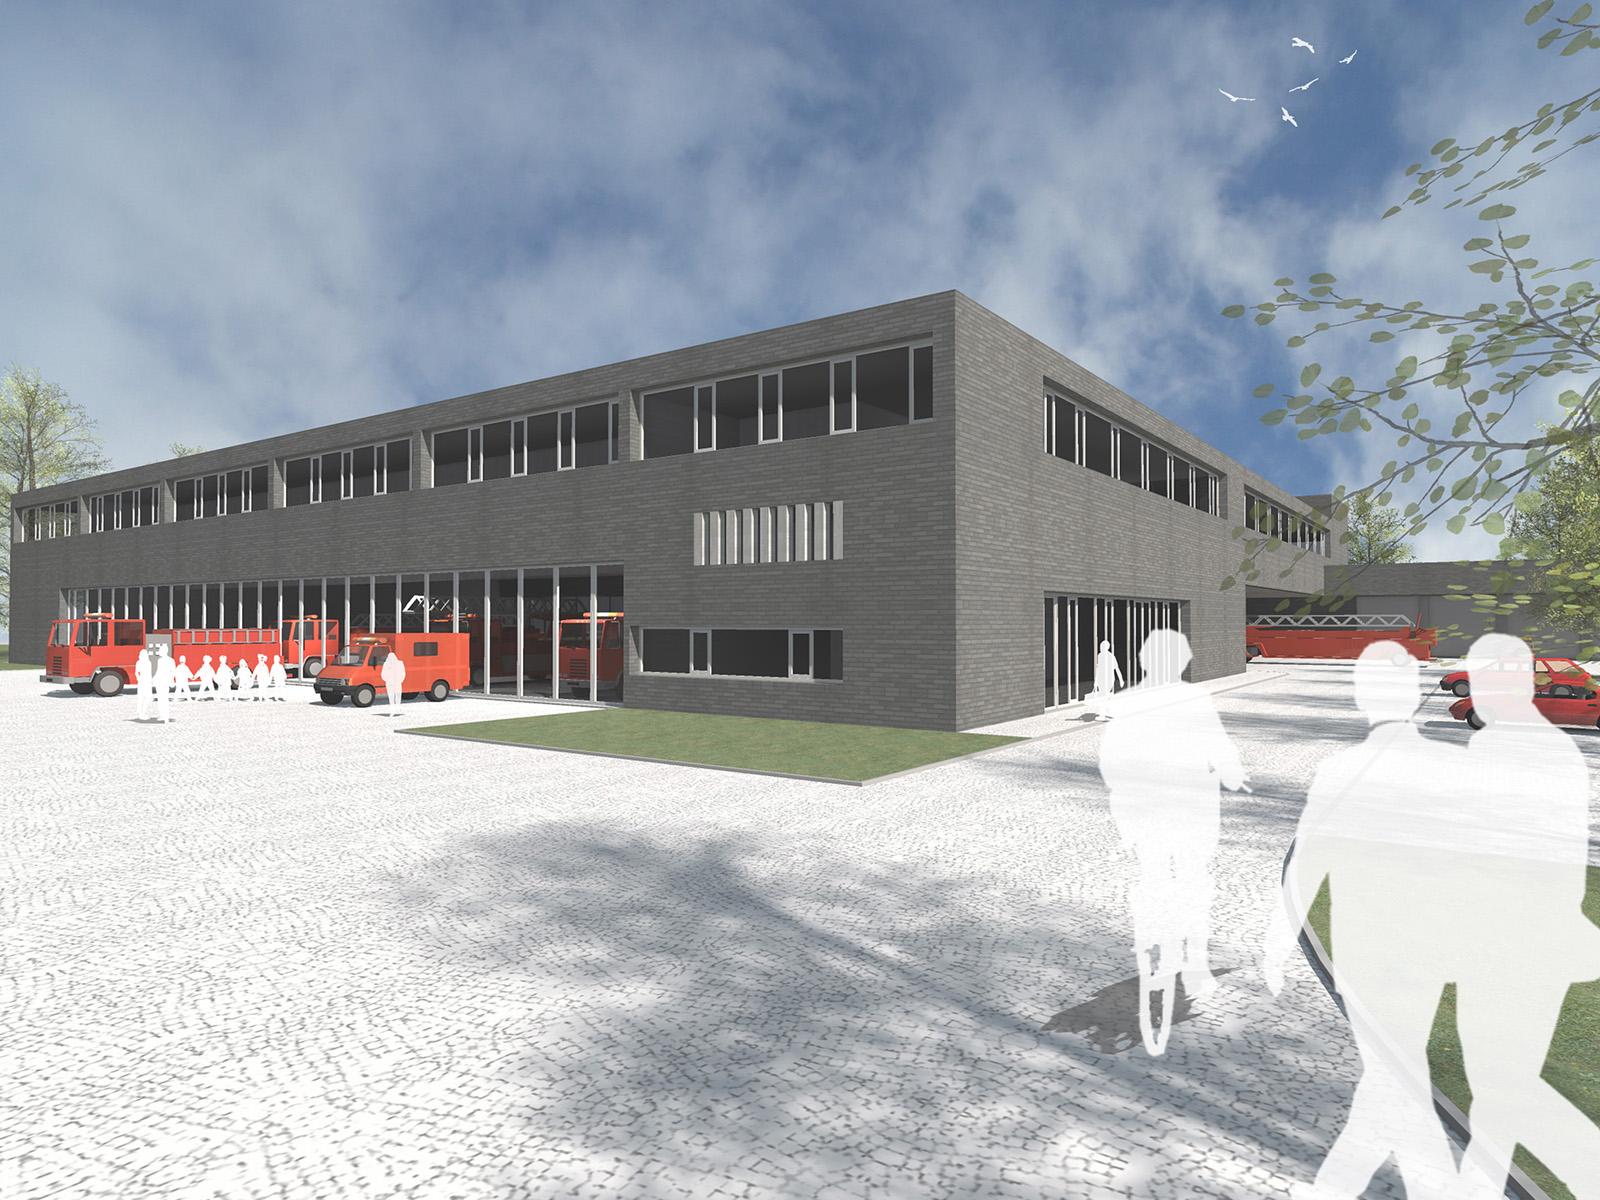 Neubau-Feuerwache-6-Muenchen-Perspektive-Friedrich-Poerschke-Zwink-Architekten-Muenchen